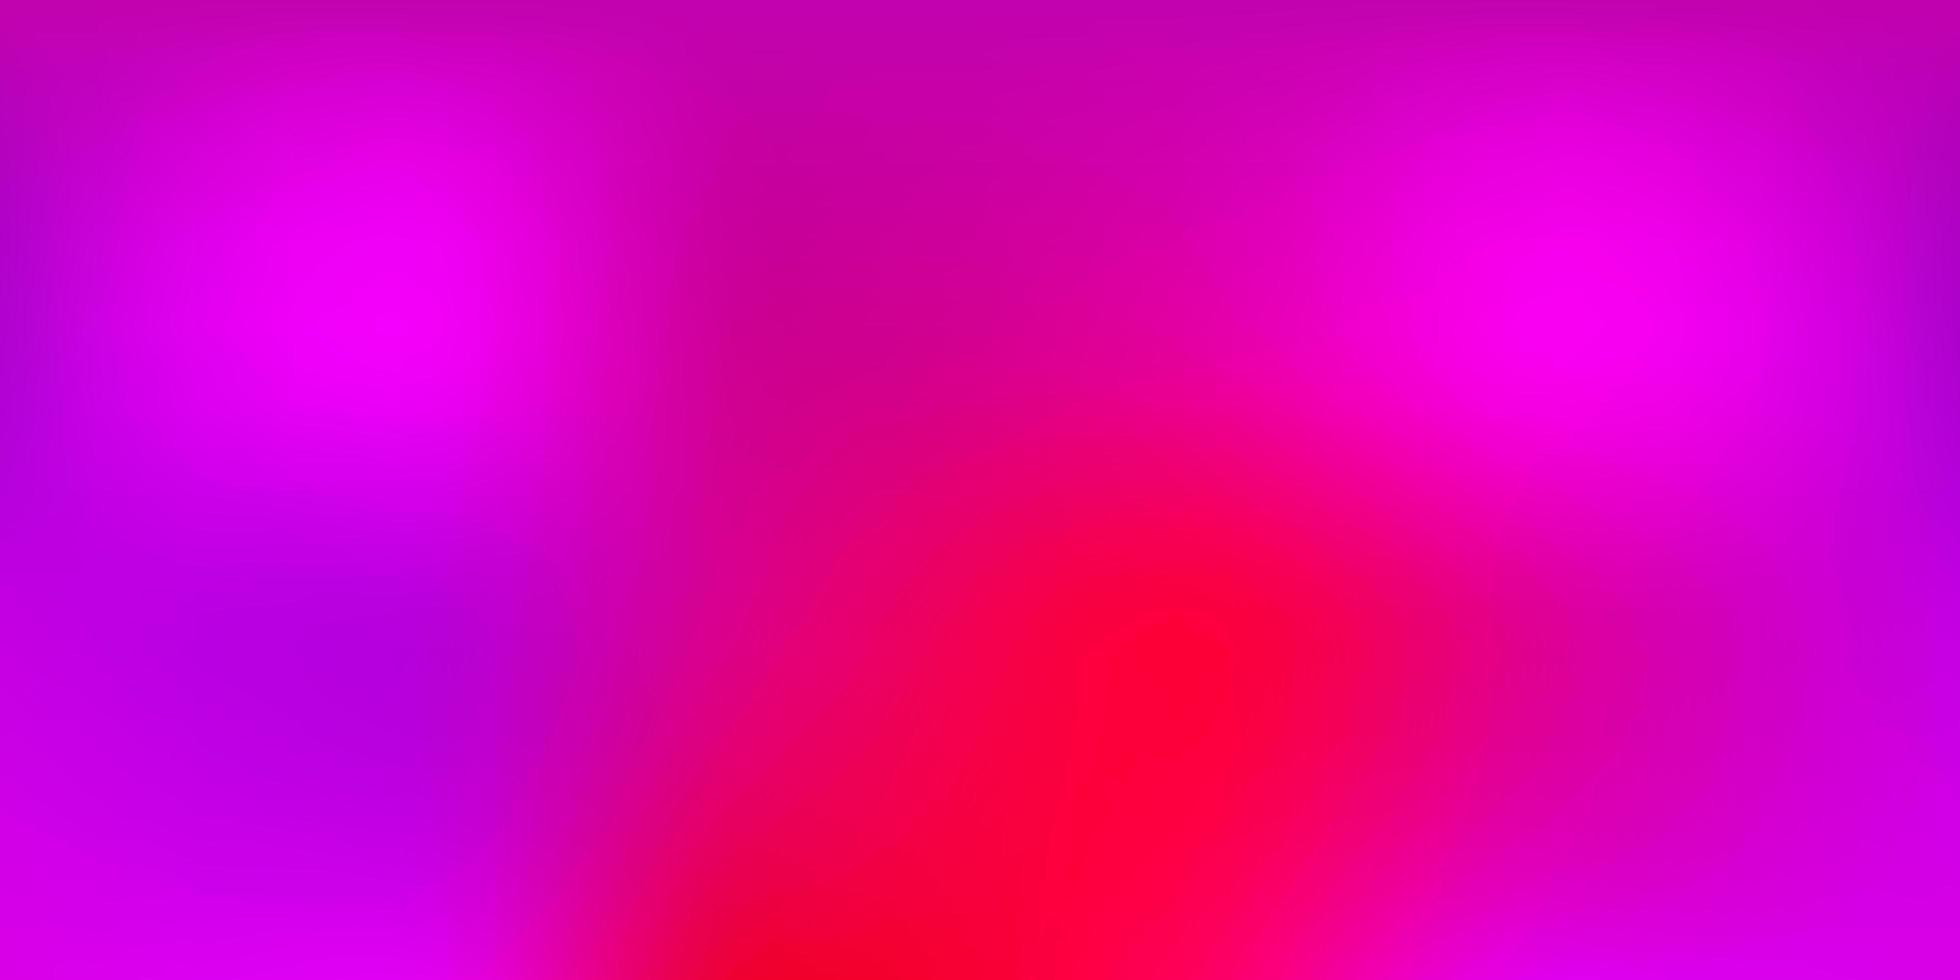 sfondo sfocato vettoriale viola scuro, rosa.